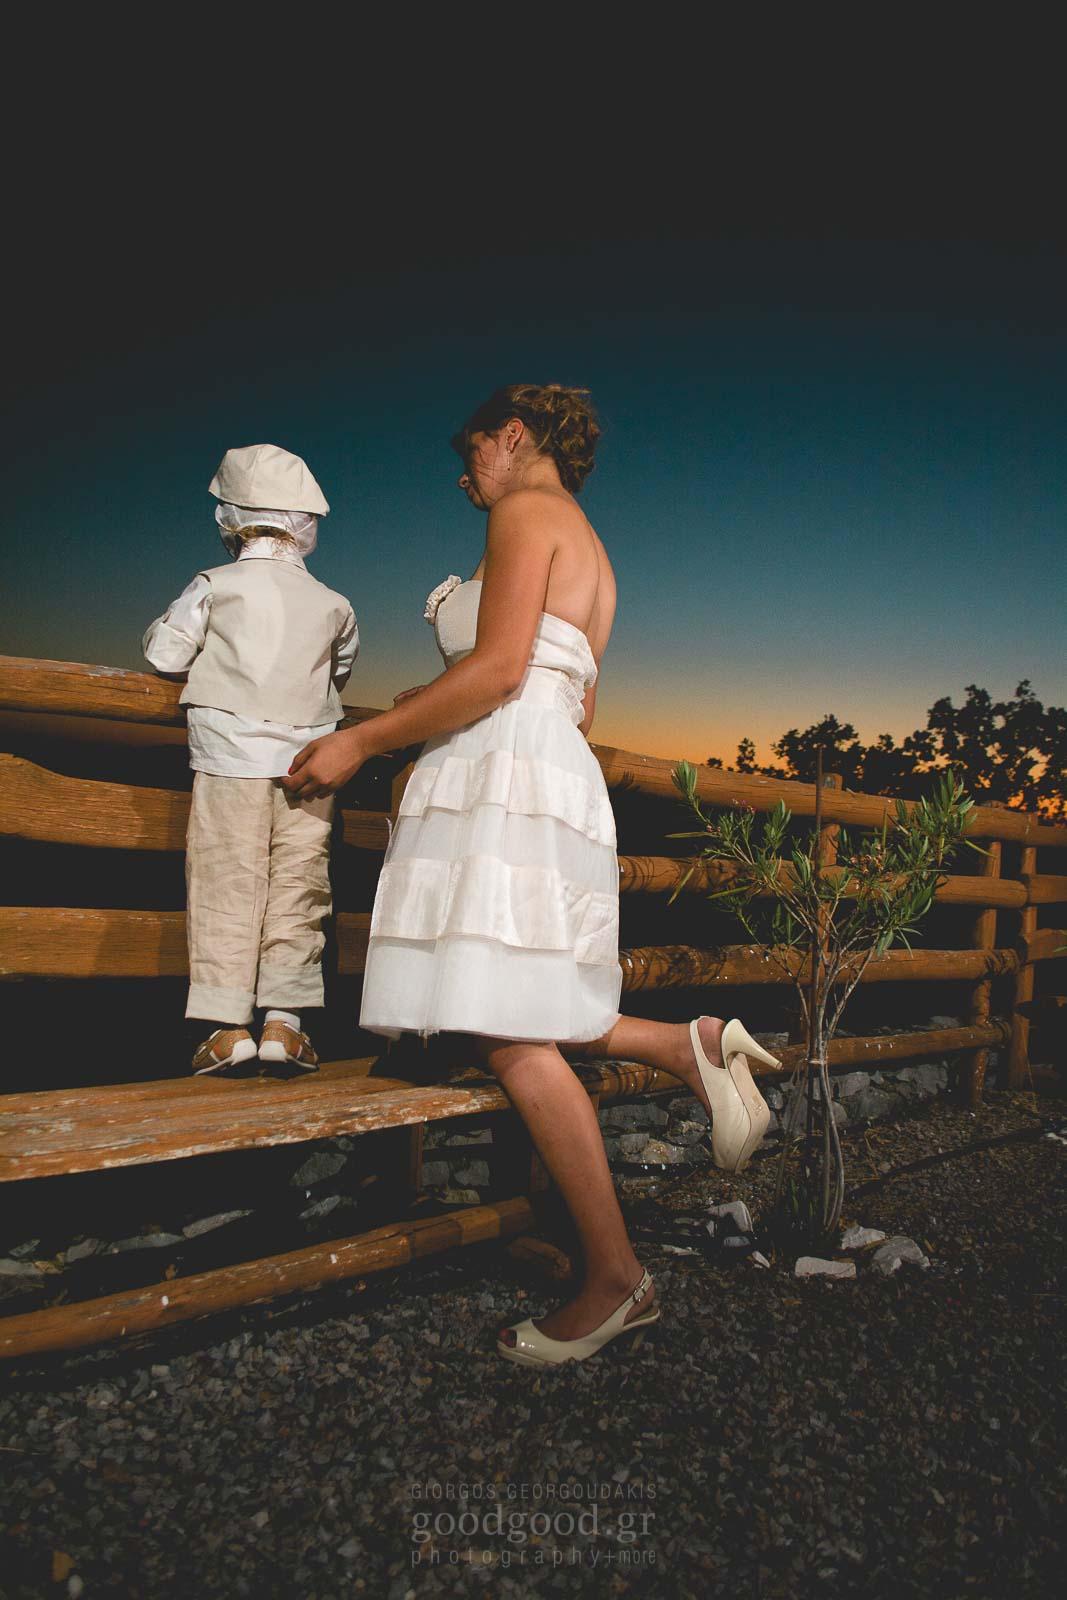 Μητέρα και παιδί σε ένα παγκάκι κρατάνε την κουπαστή και κοιτάνε μακριά